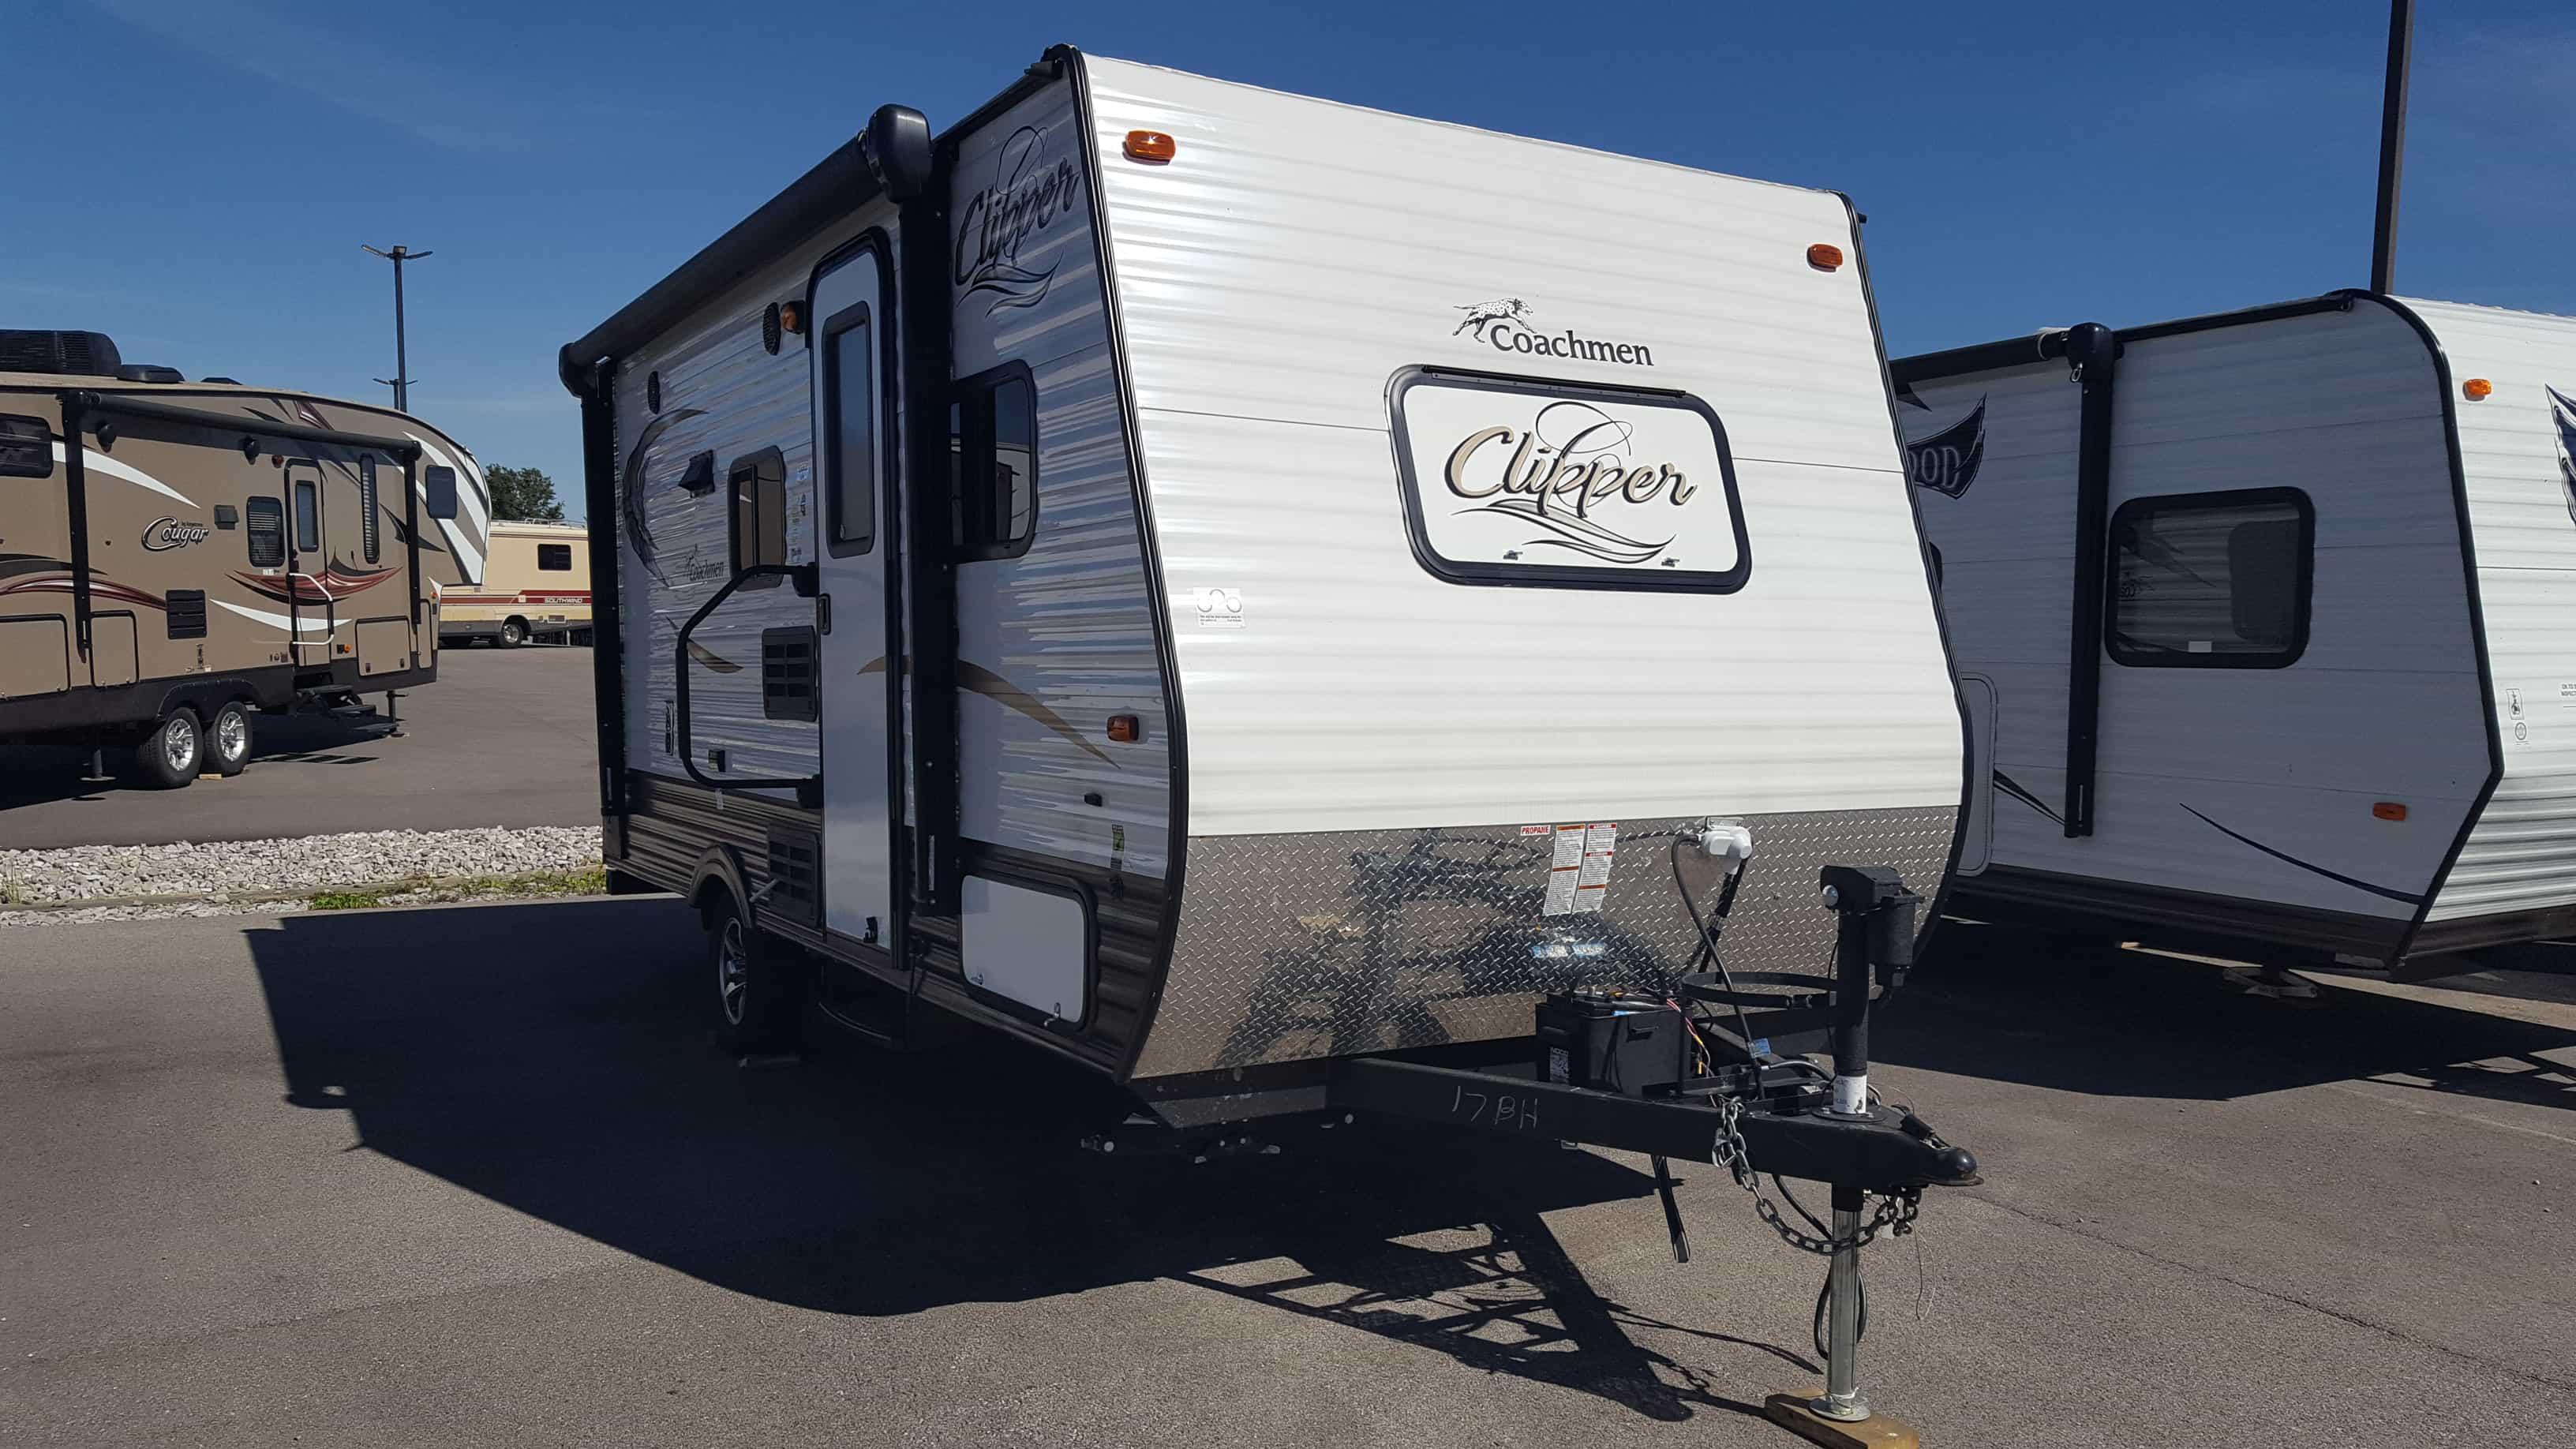 USED 2016 Coachmen CLIPPER 17BH - American RV